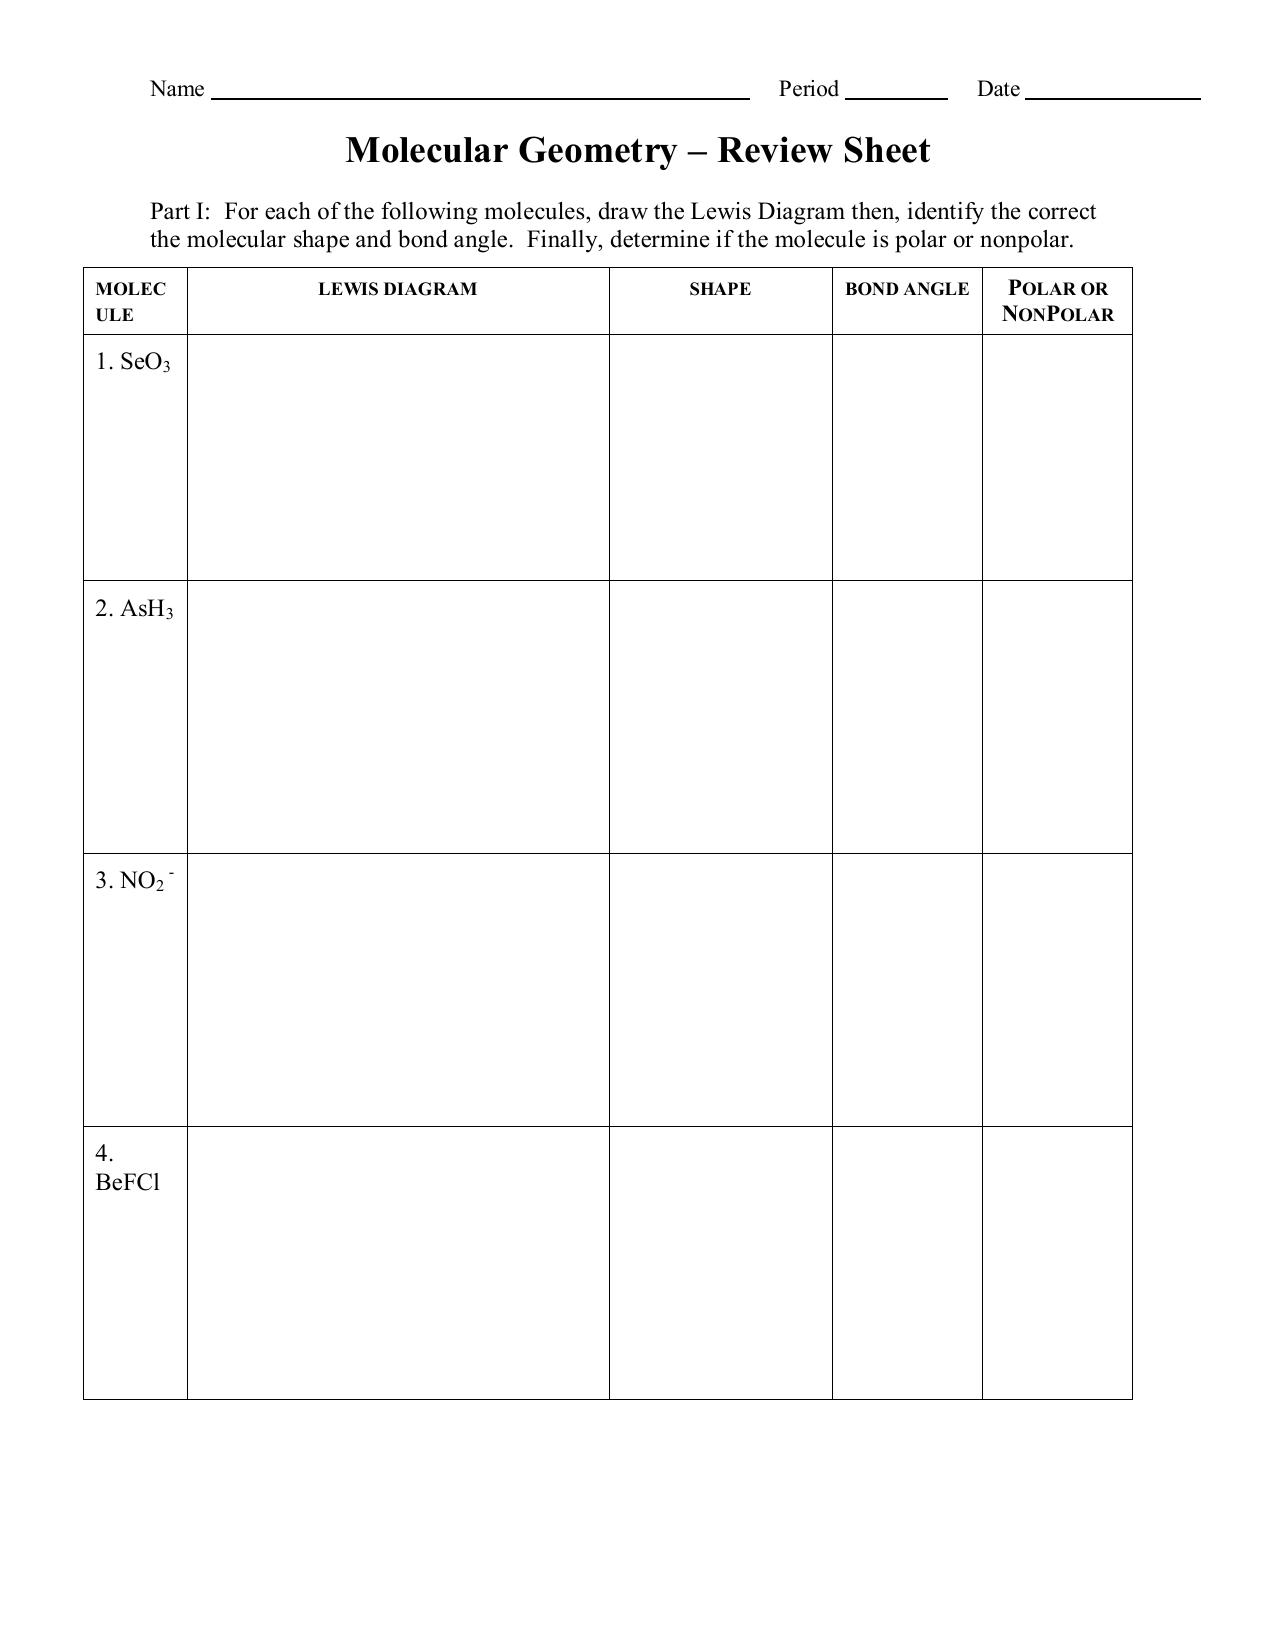 Molecular Polarity Review Sheet